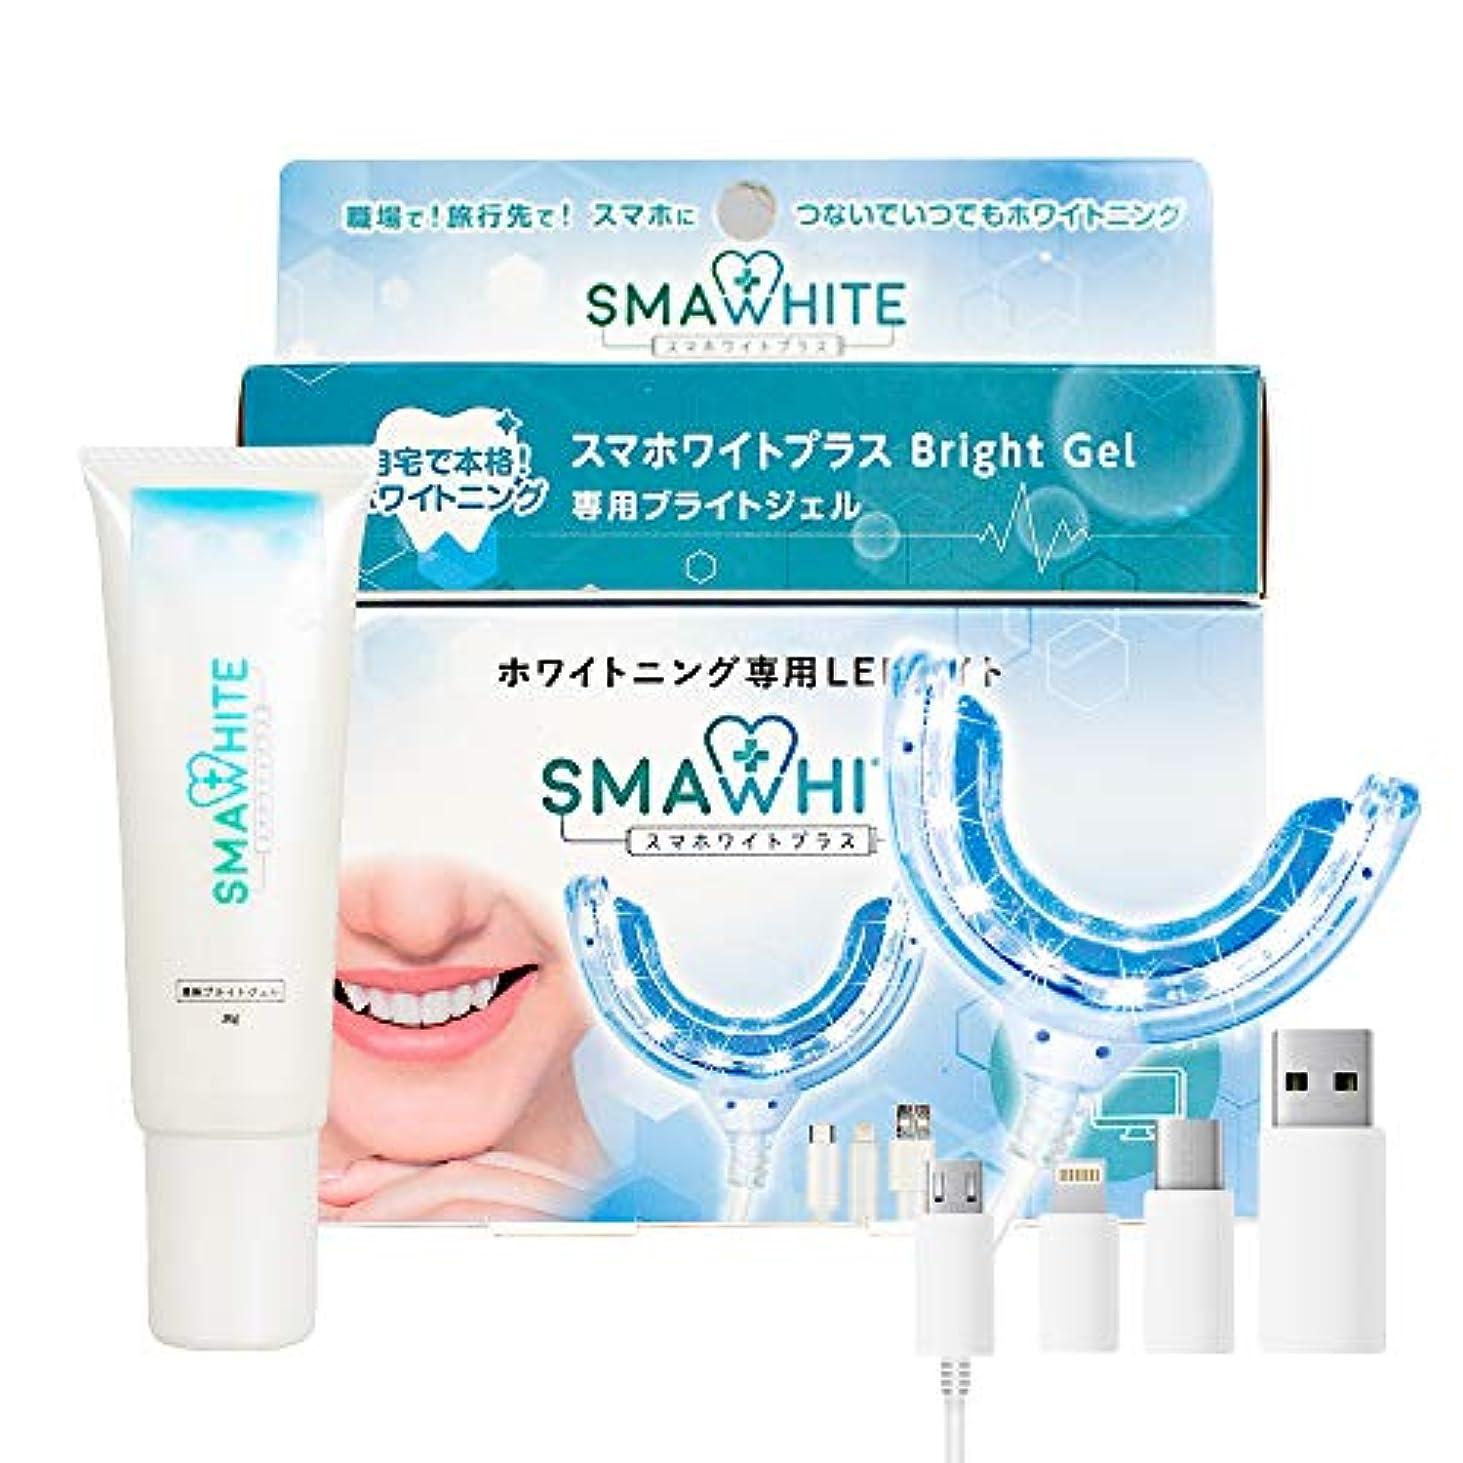 円形のより平らなポルトガル語スマホワイトプラス(SMAWHITE+) ホワイトニングキット LEDマウスピース+専用ジェル30g 初めての方向けセット 自宅で簡単 歯のセルフホワイトニング [一般医療機器]